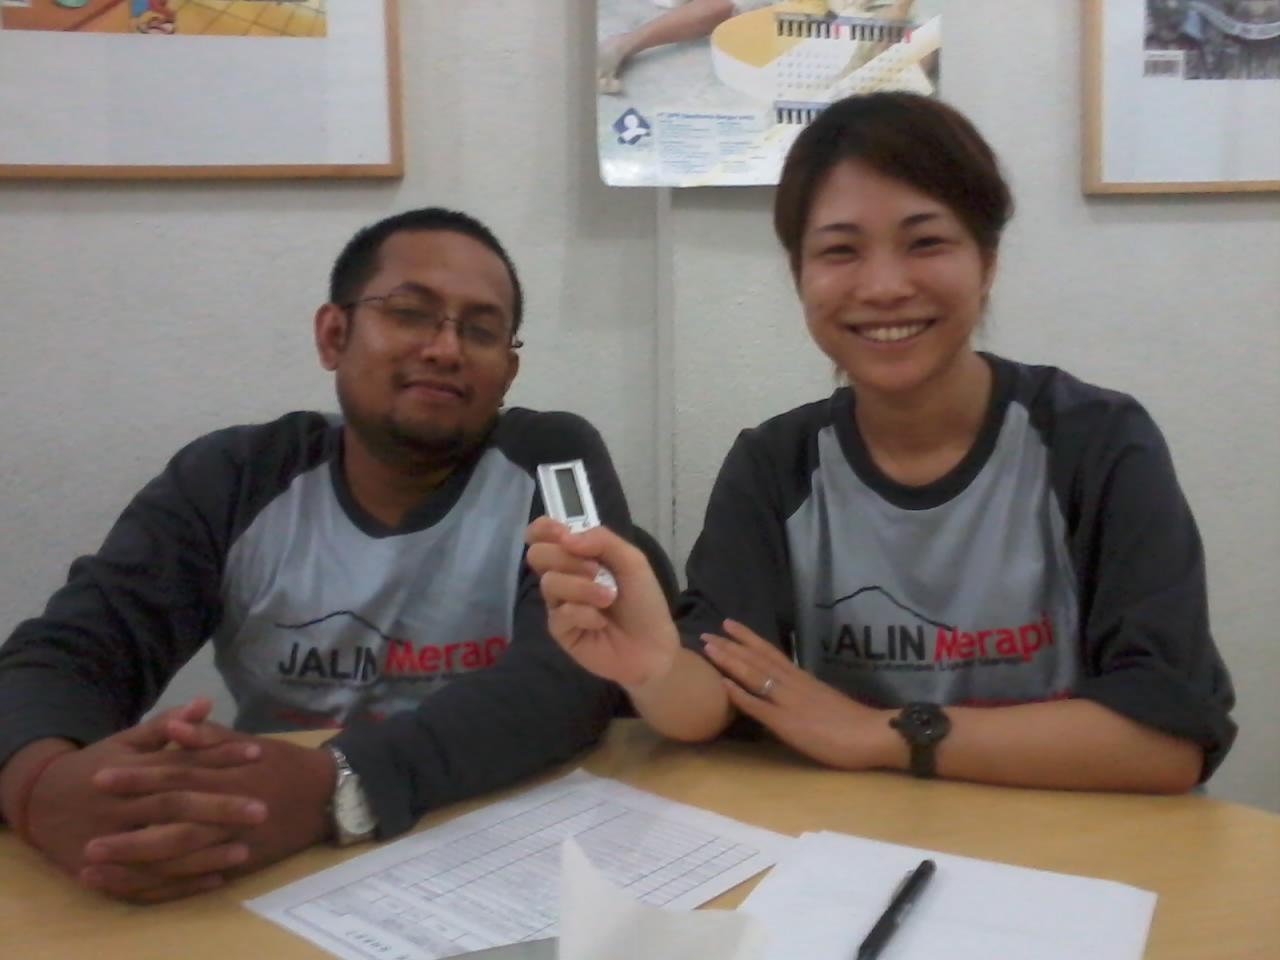 カウンターパート・プログラムマネージャーにインタビュー!-7月3日(水)23時から放送の「Selamat malam dari Indonesia~インドネシアからこんばんは~」